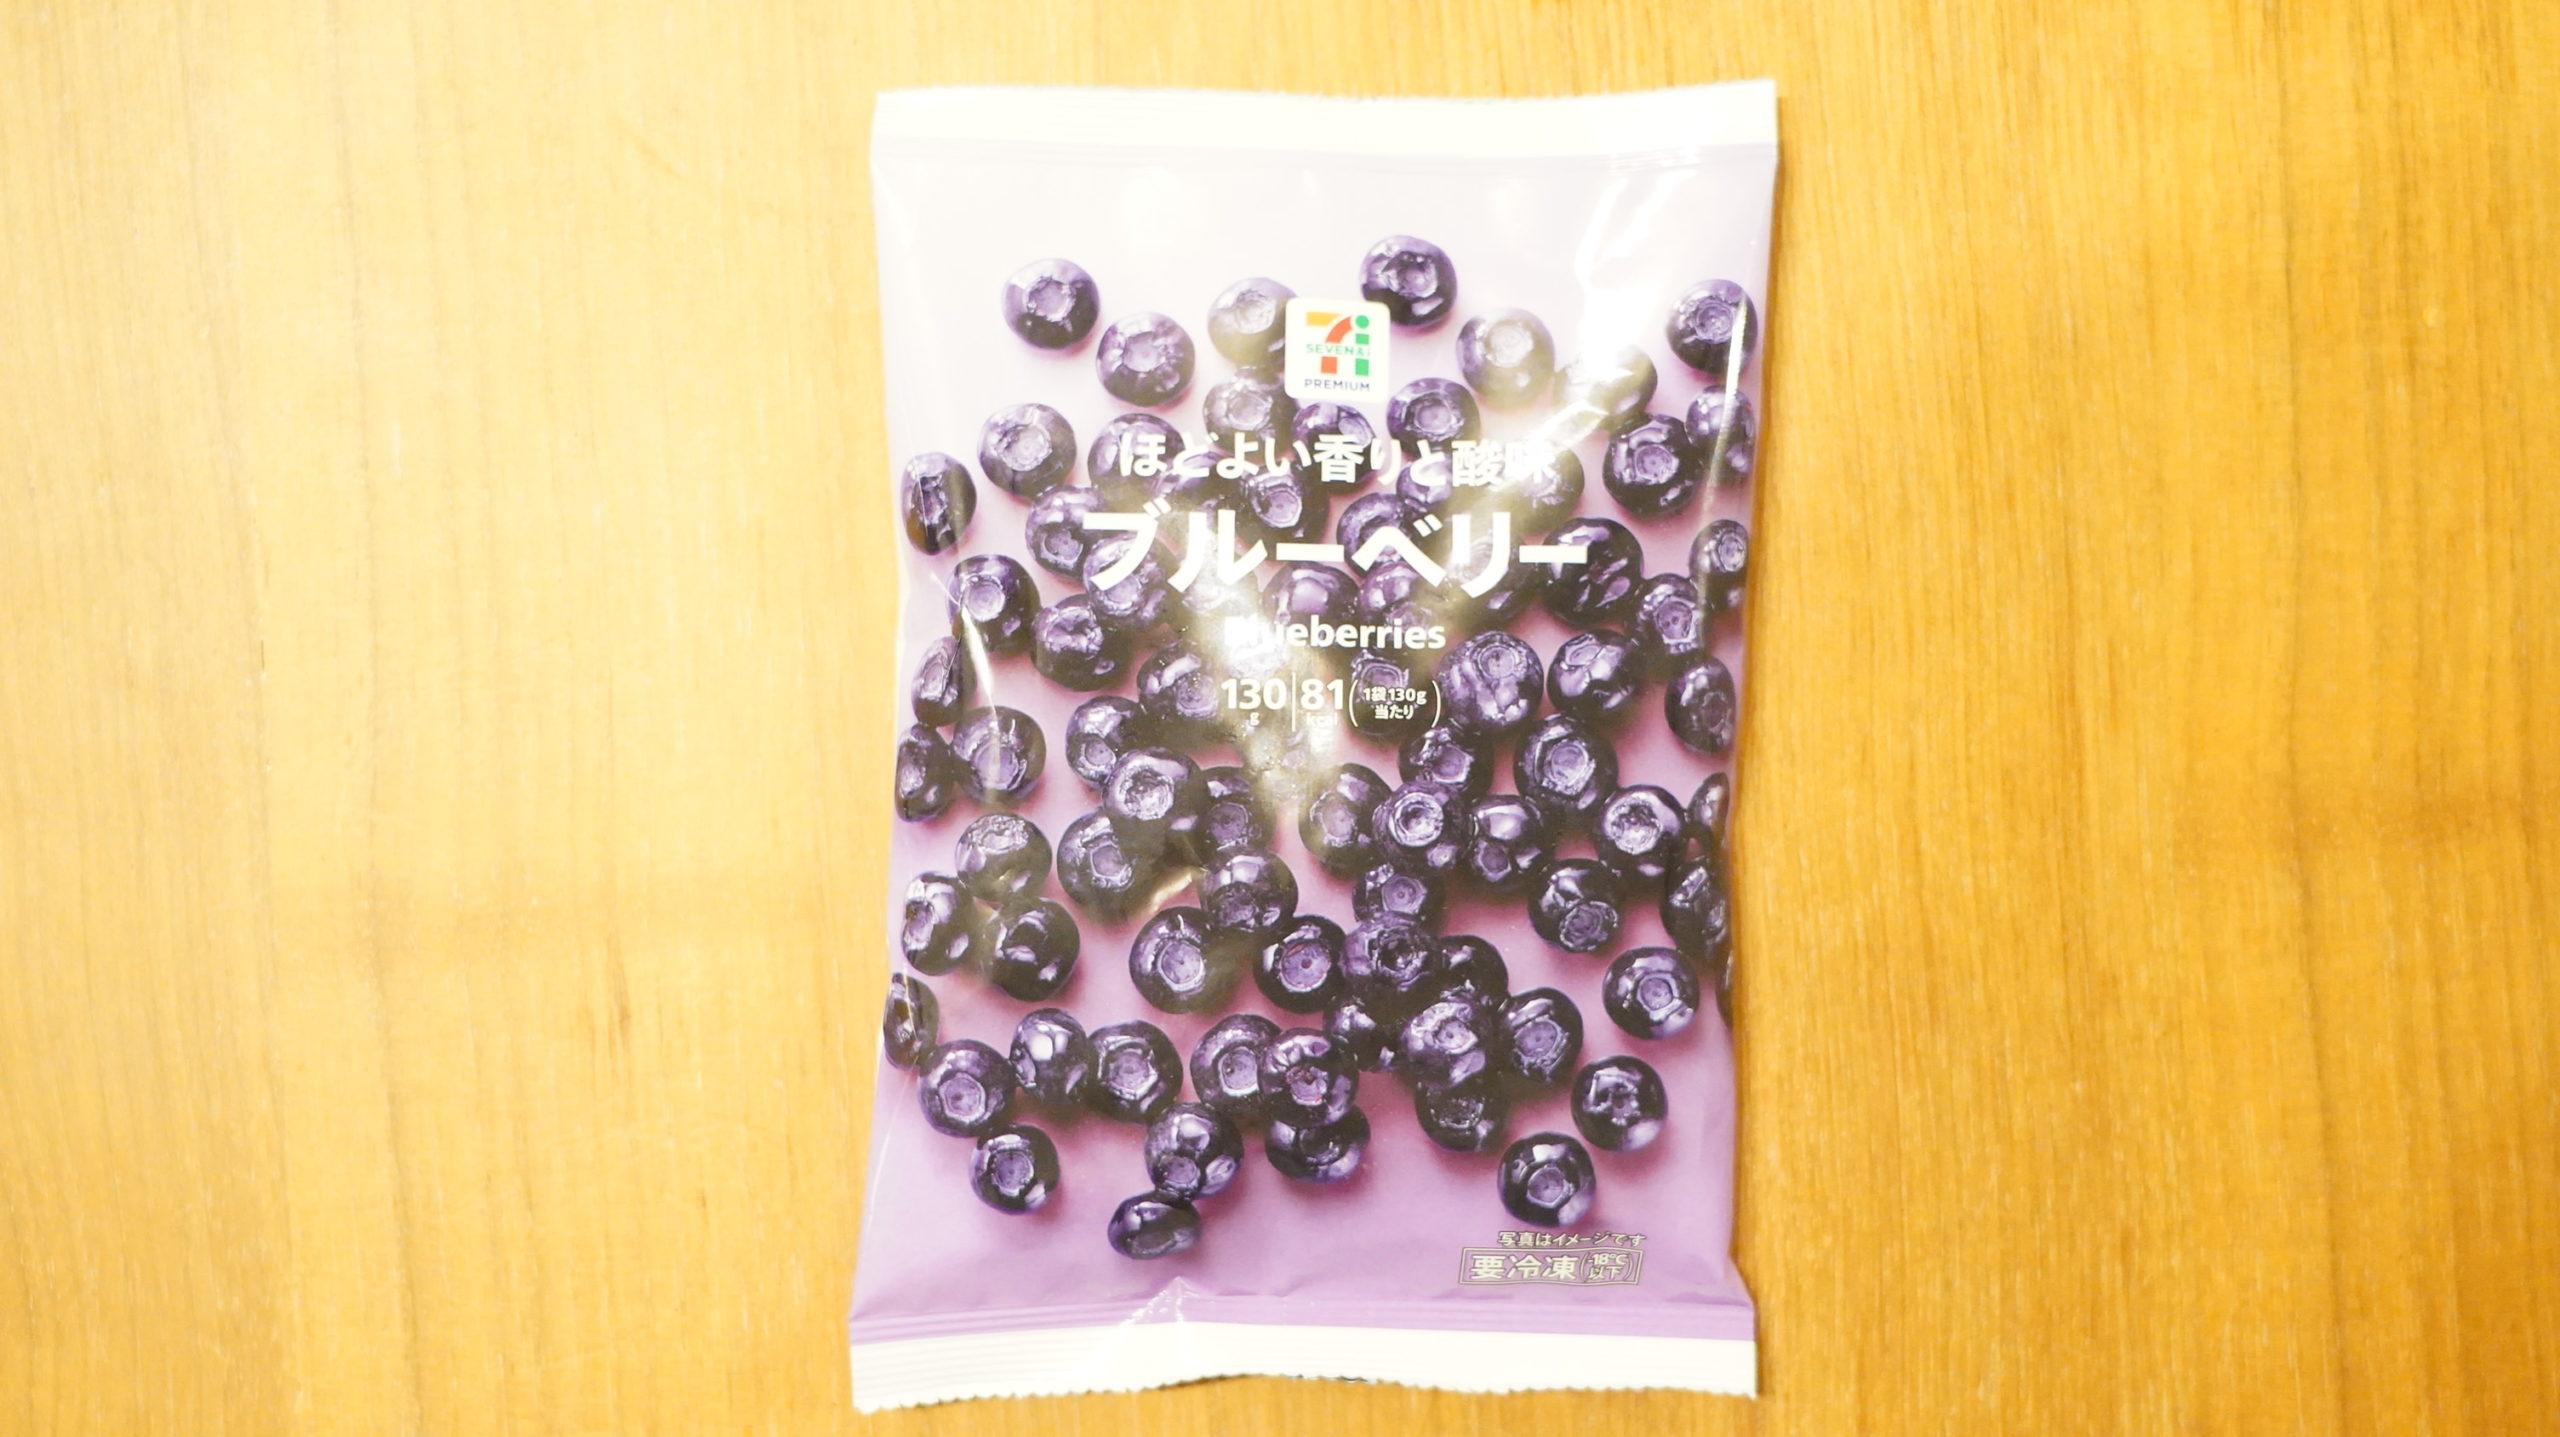 セブンイレブンの冷凍食品「ほどよい香りと酸味・ブルーベリー」のパッケージ写真